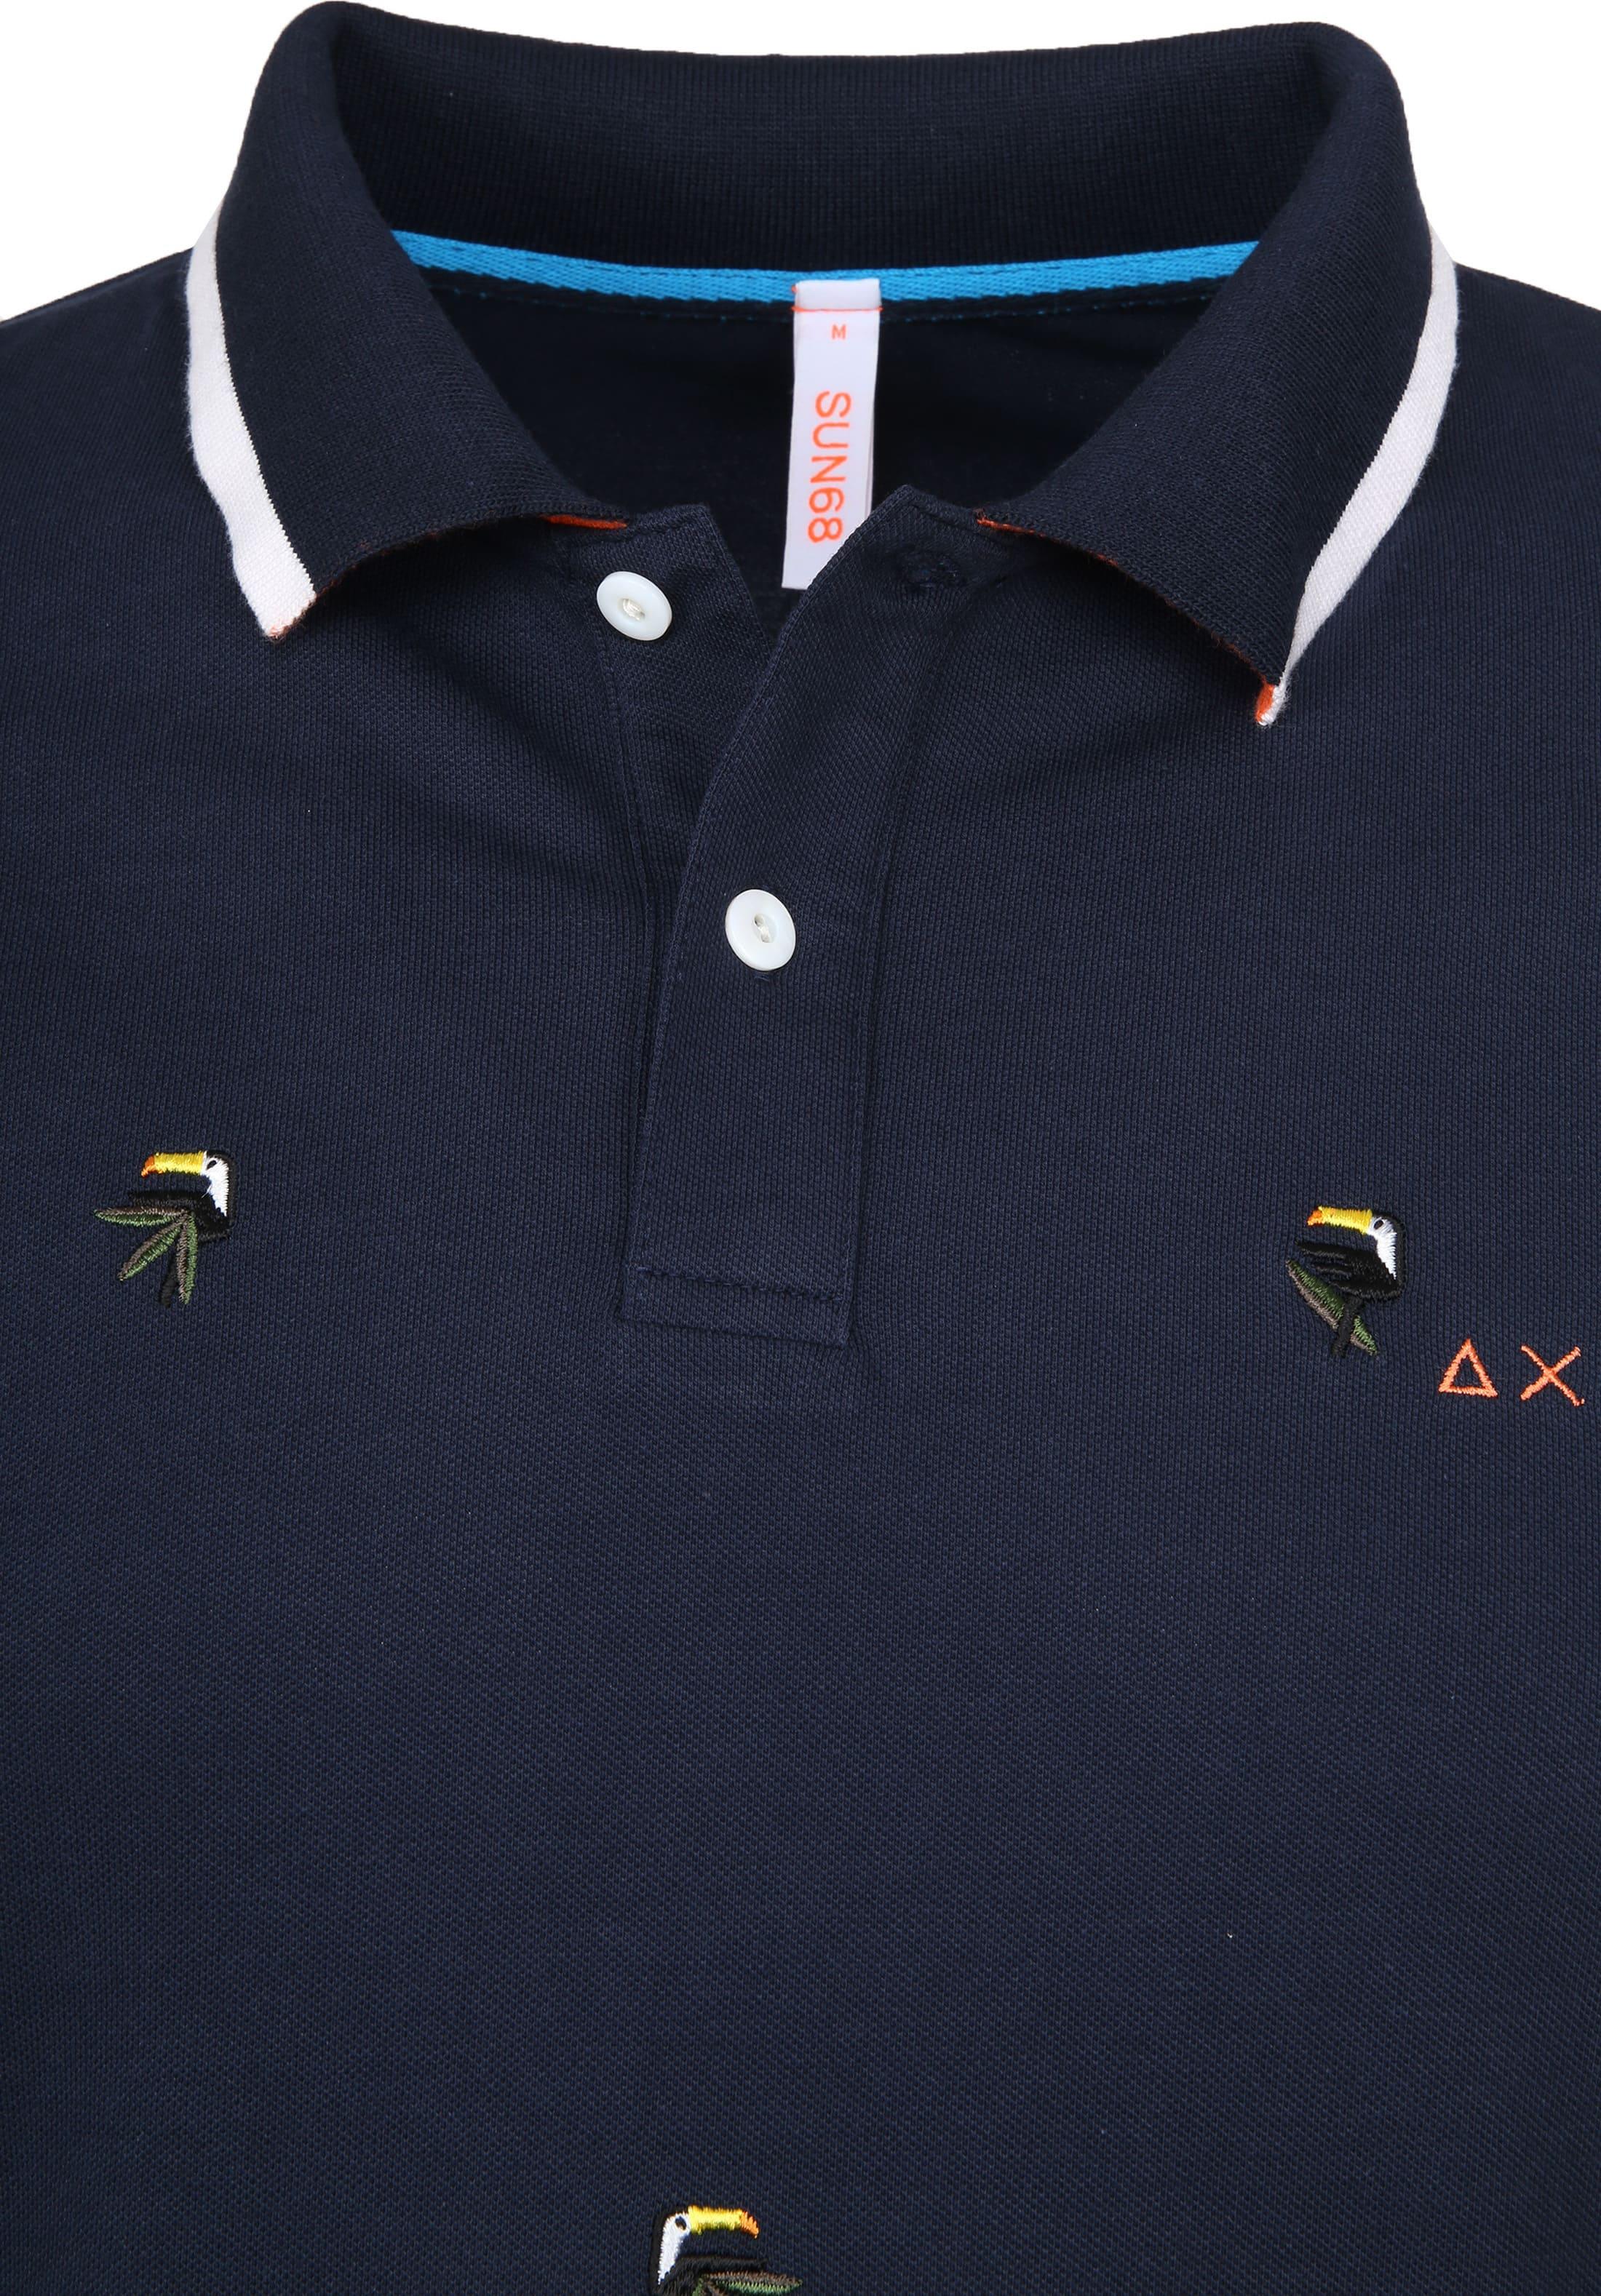 Sun68 Poloshirt Embrodery Bird Navy A19122 07 Online Kaufen Suitable